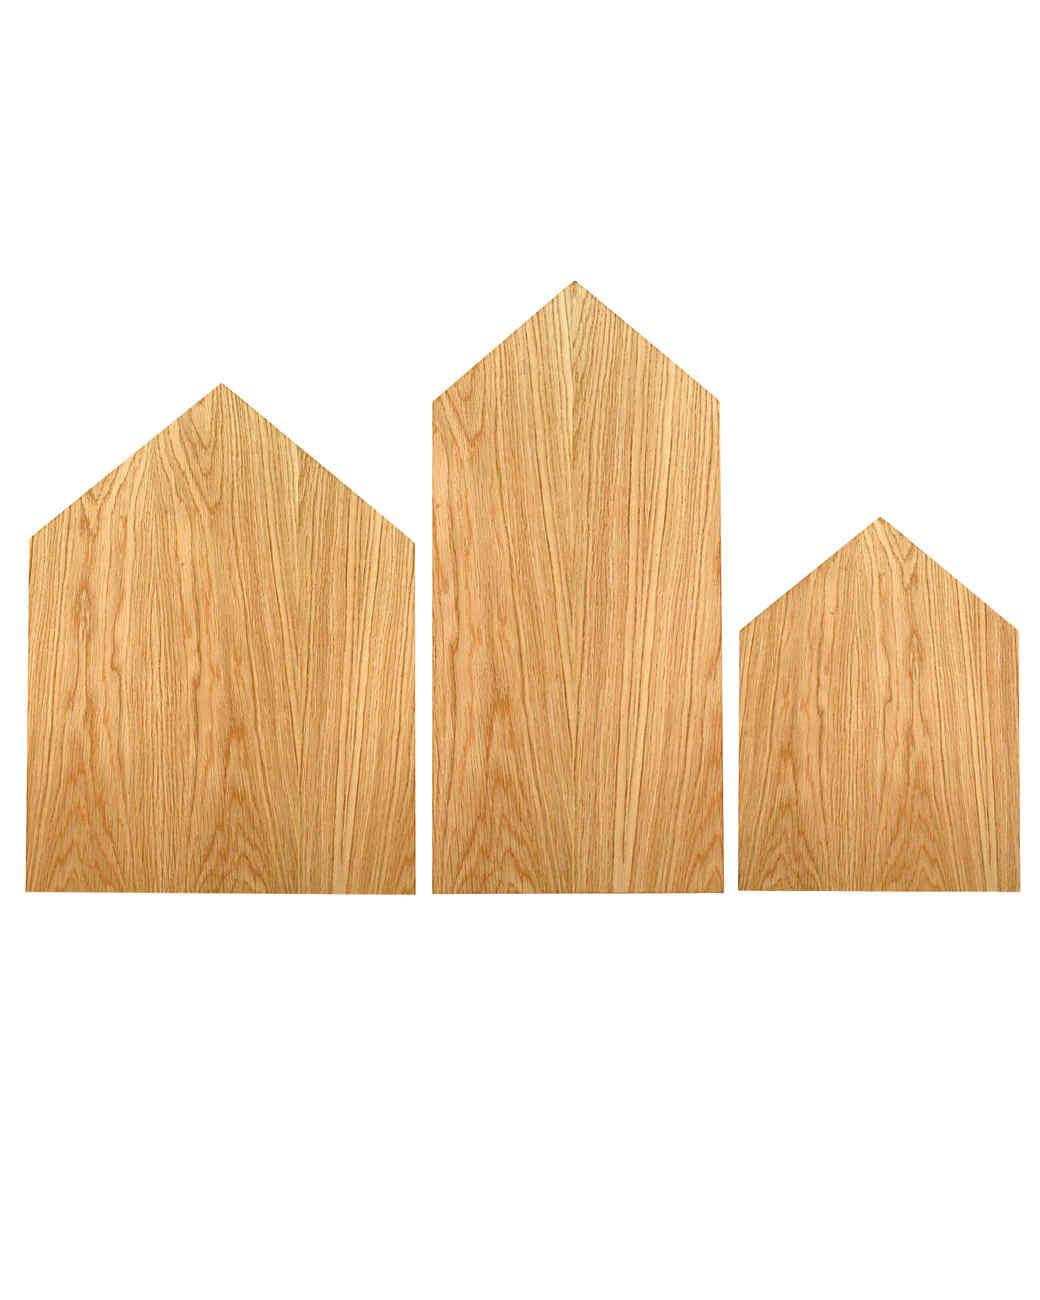 cutting-board-finds-0811mld107444.jpg